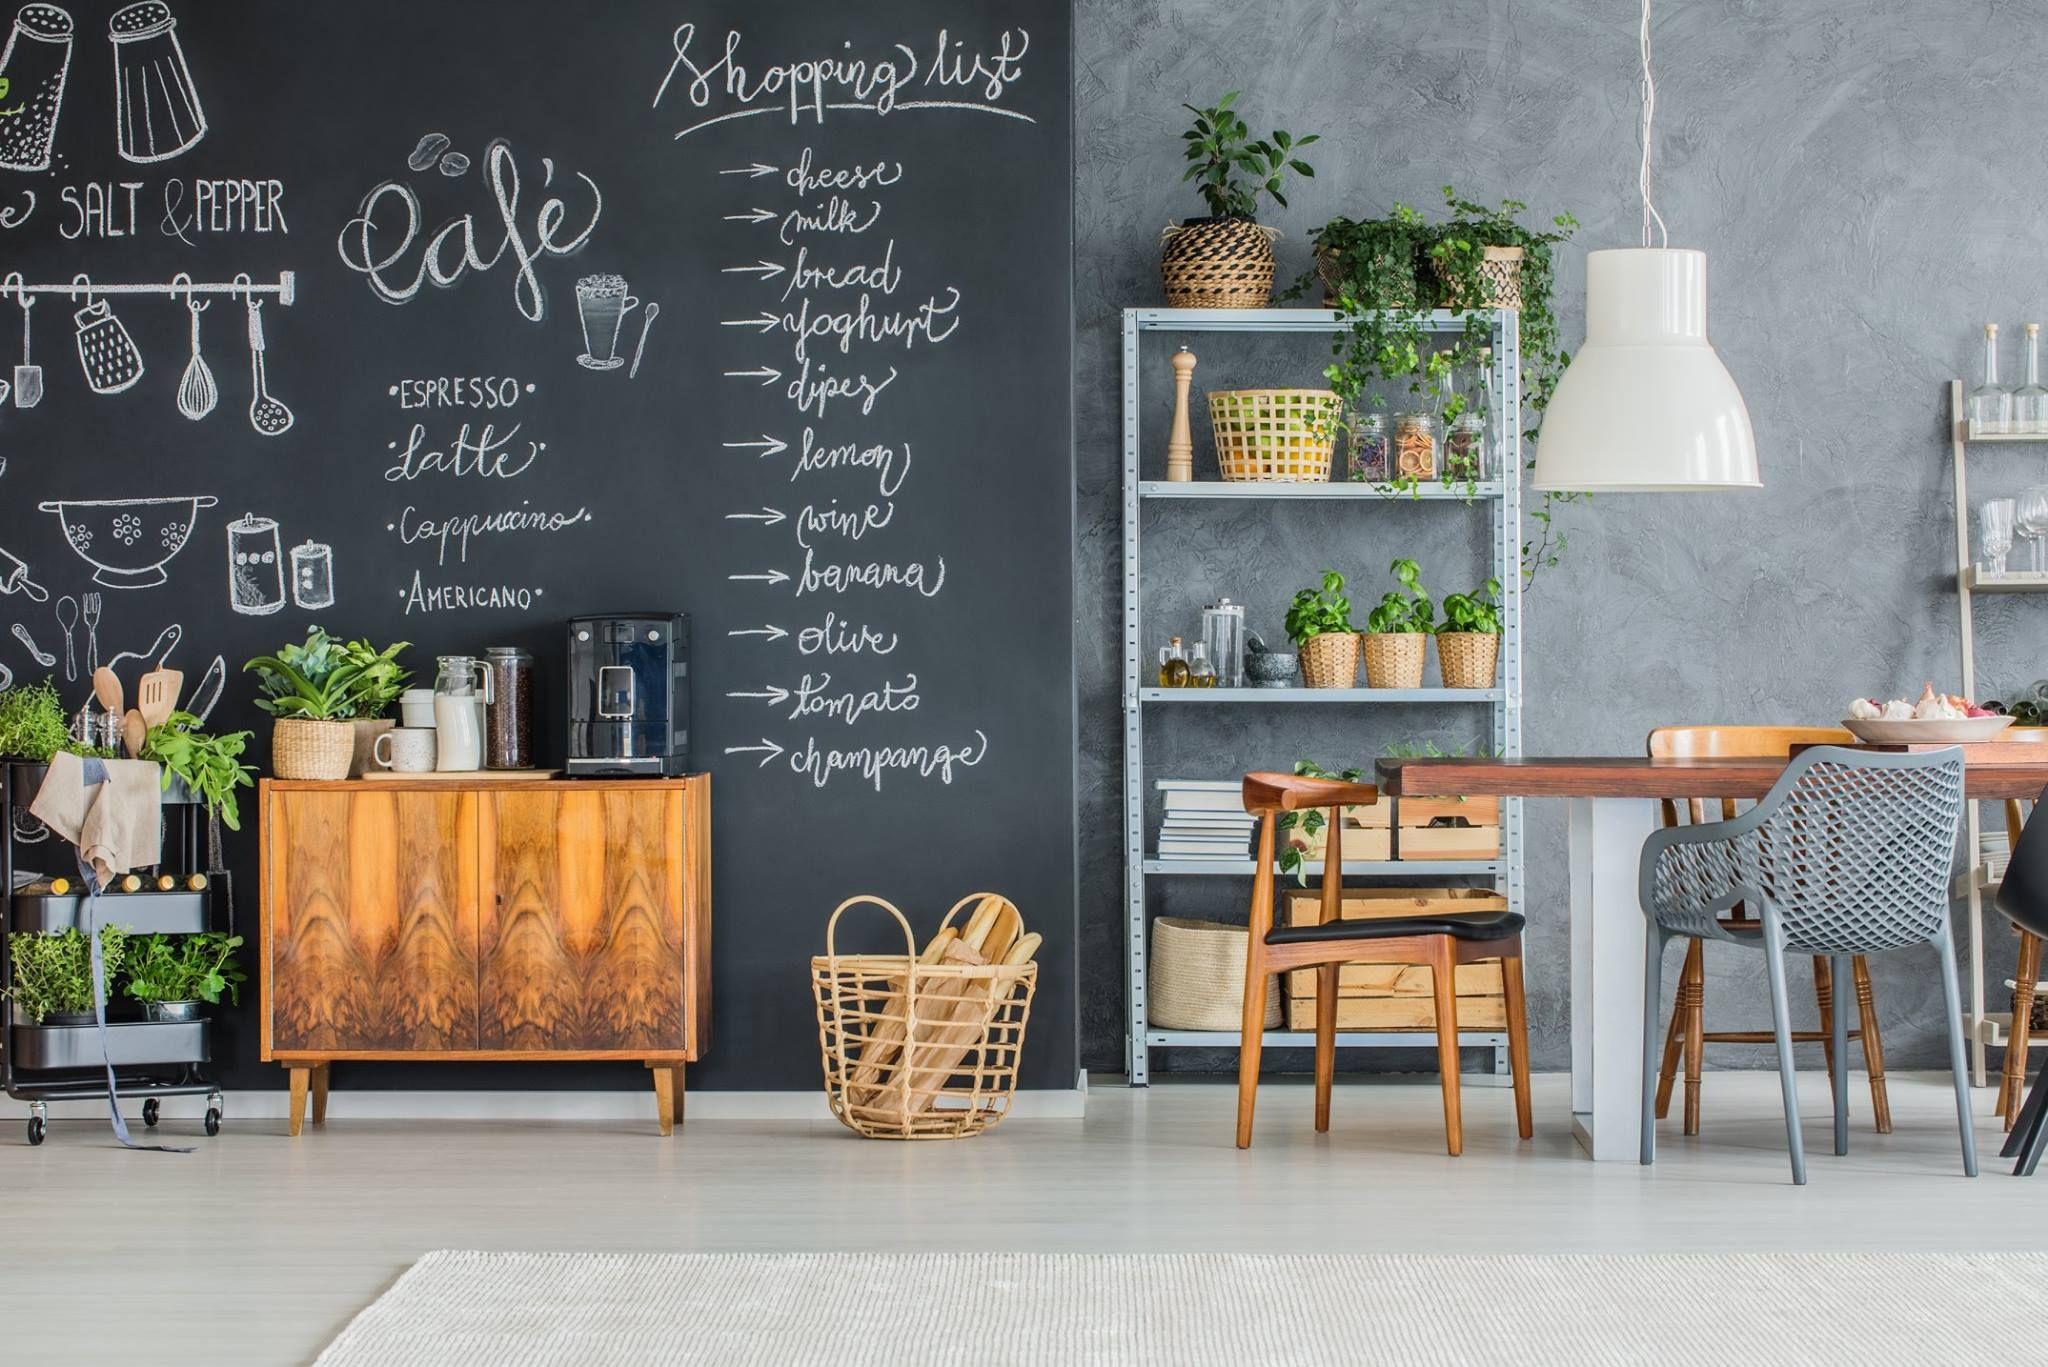 Turn Any Flat Surface Into A Blackboard With Our Amazing Peel Stick Blackboard Wallpaper W Chalkboard Wall Kitchen Chalkboard Wallpaper Kitchen Chalkboard